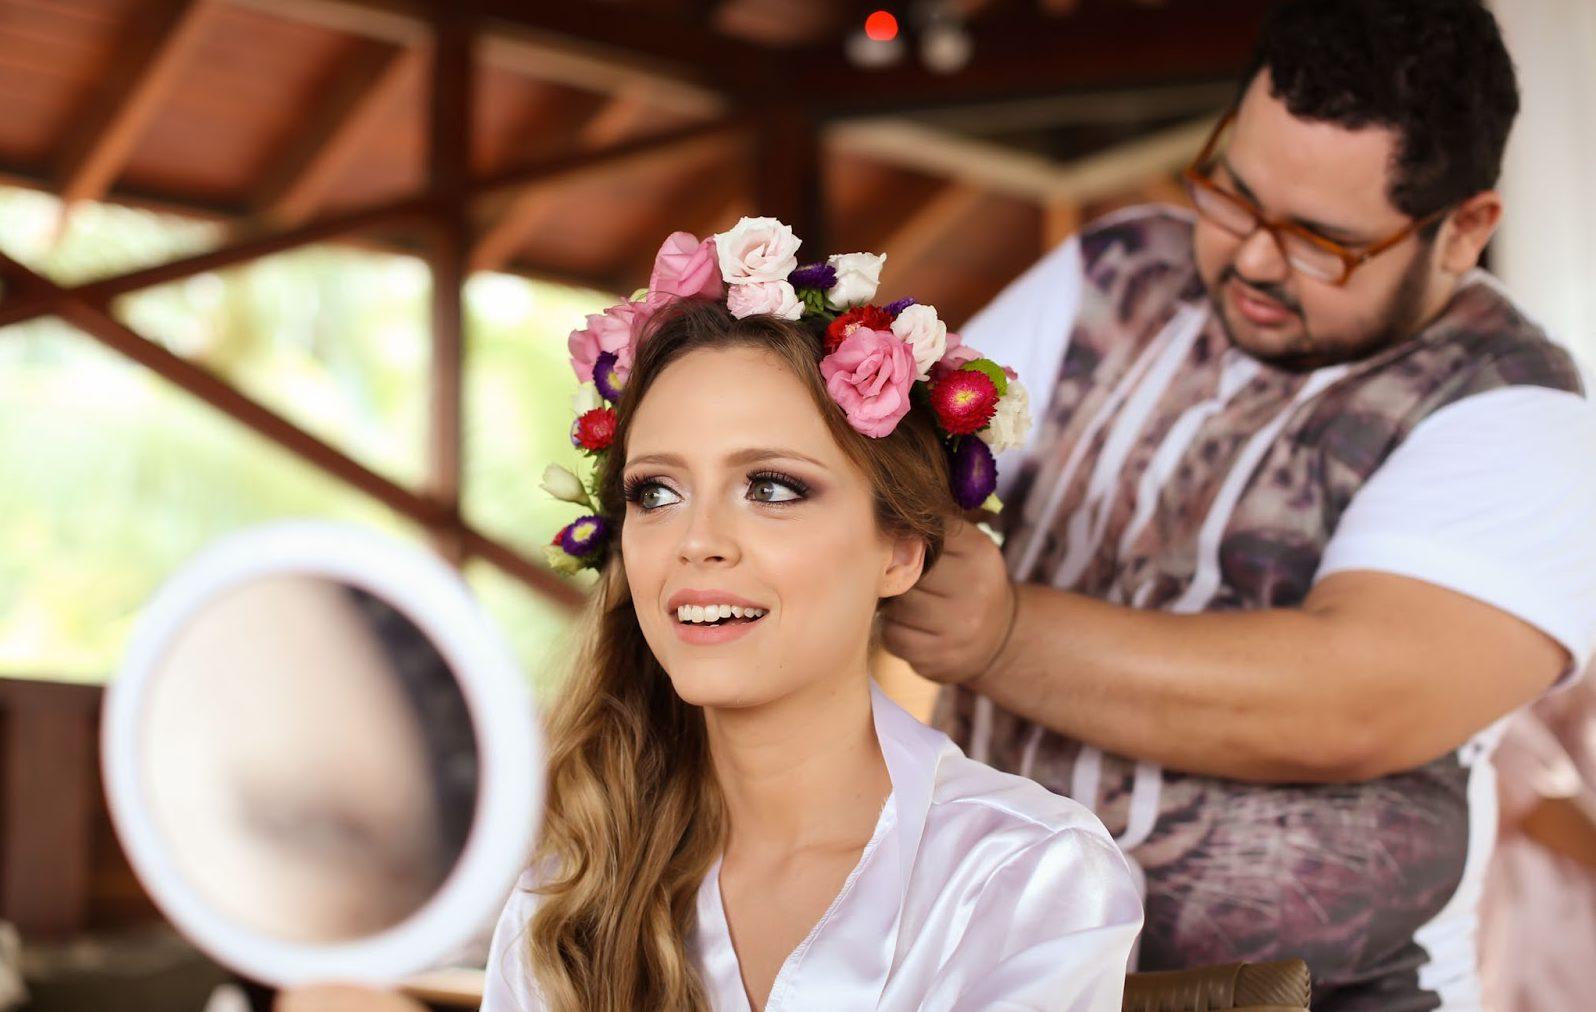 Maquiagem para casamento de dia: beleza